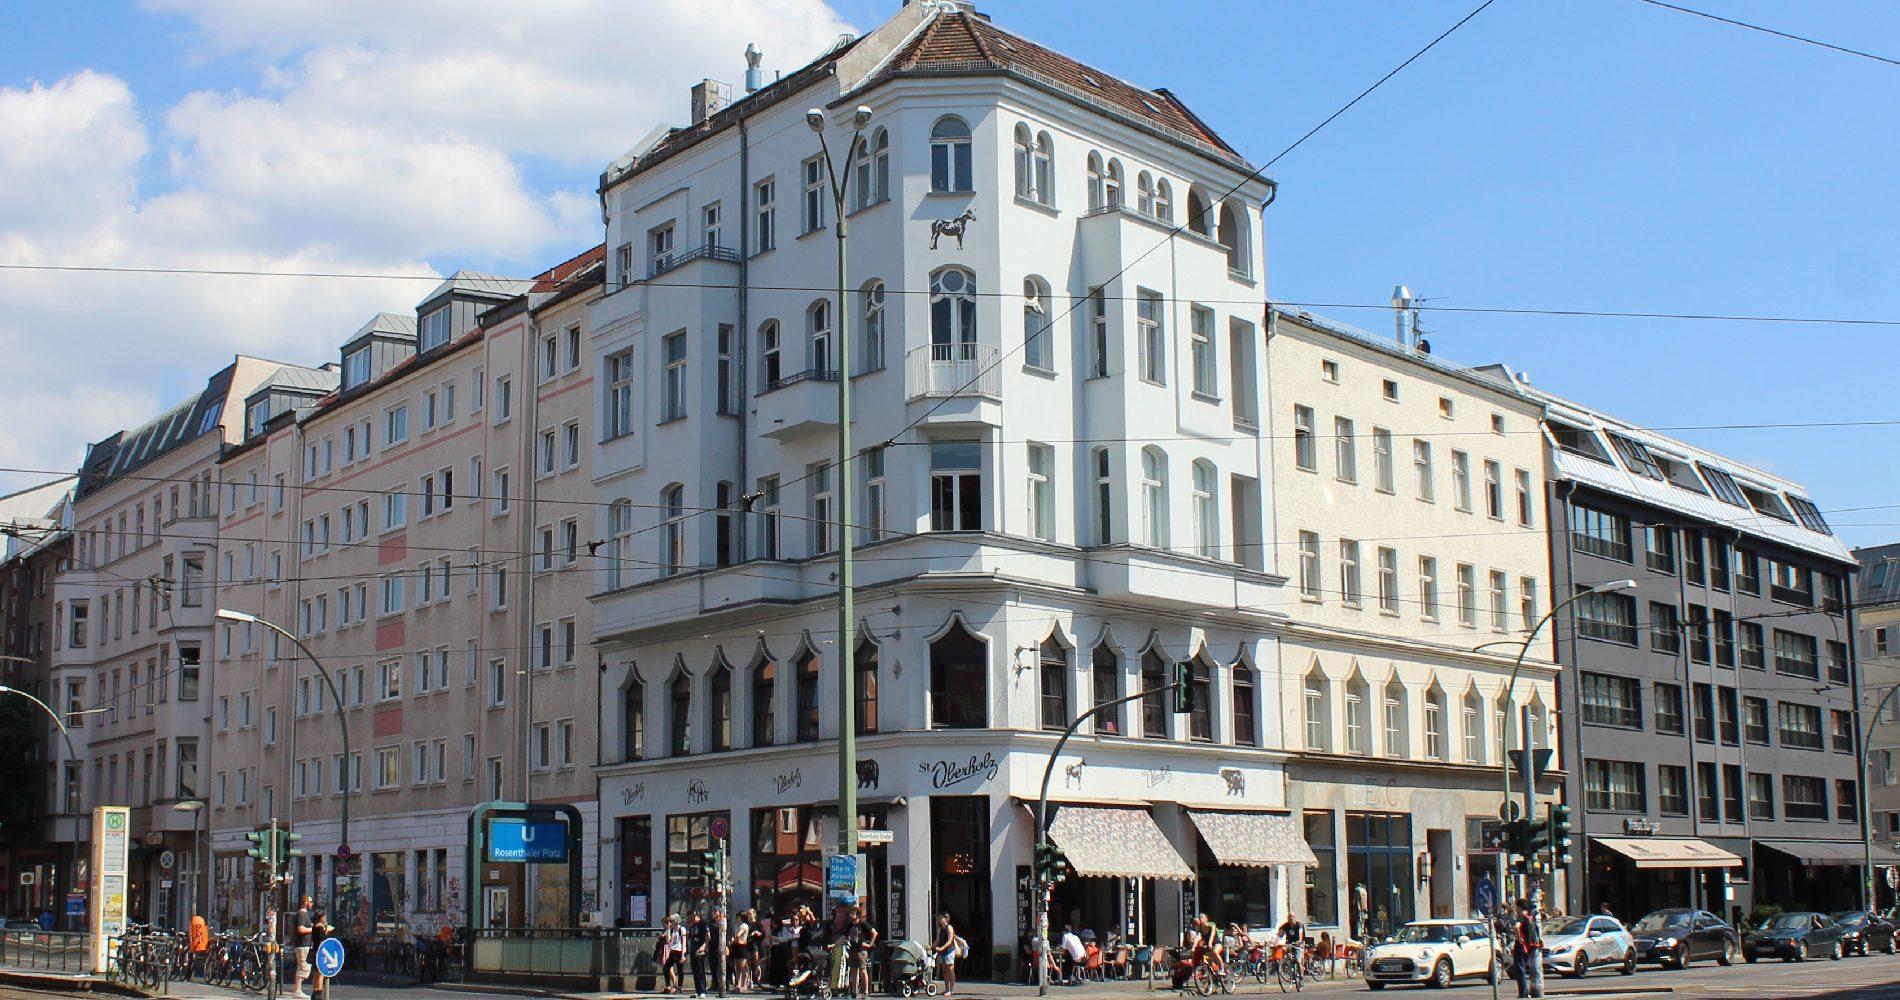 St. Oberholz in Berlin (Image: Tobias Schwarz)